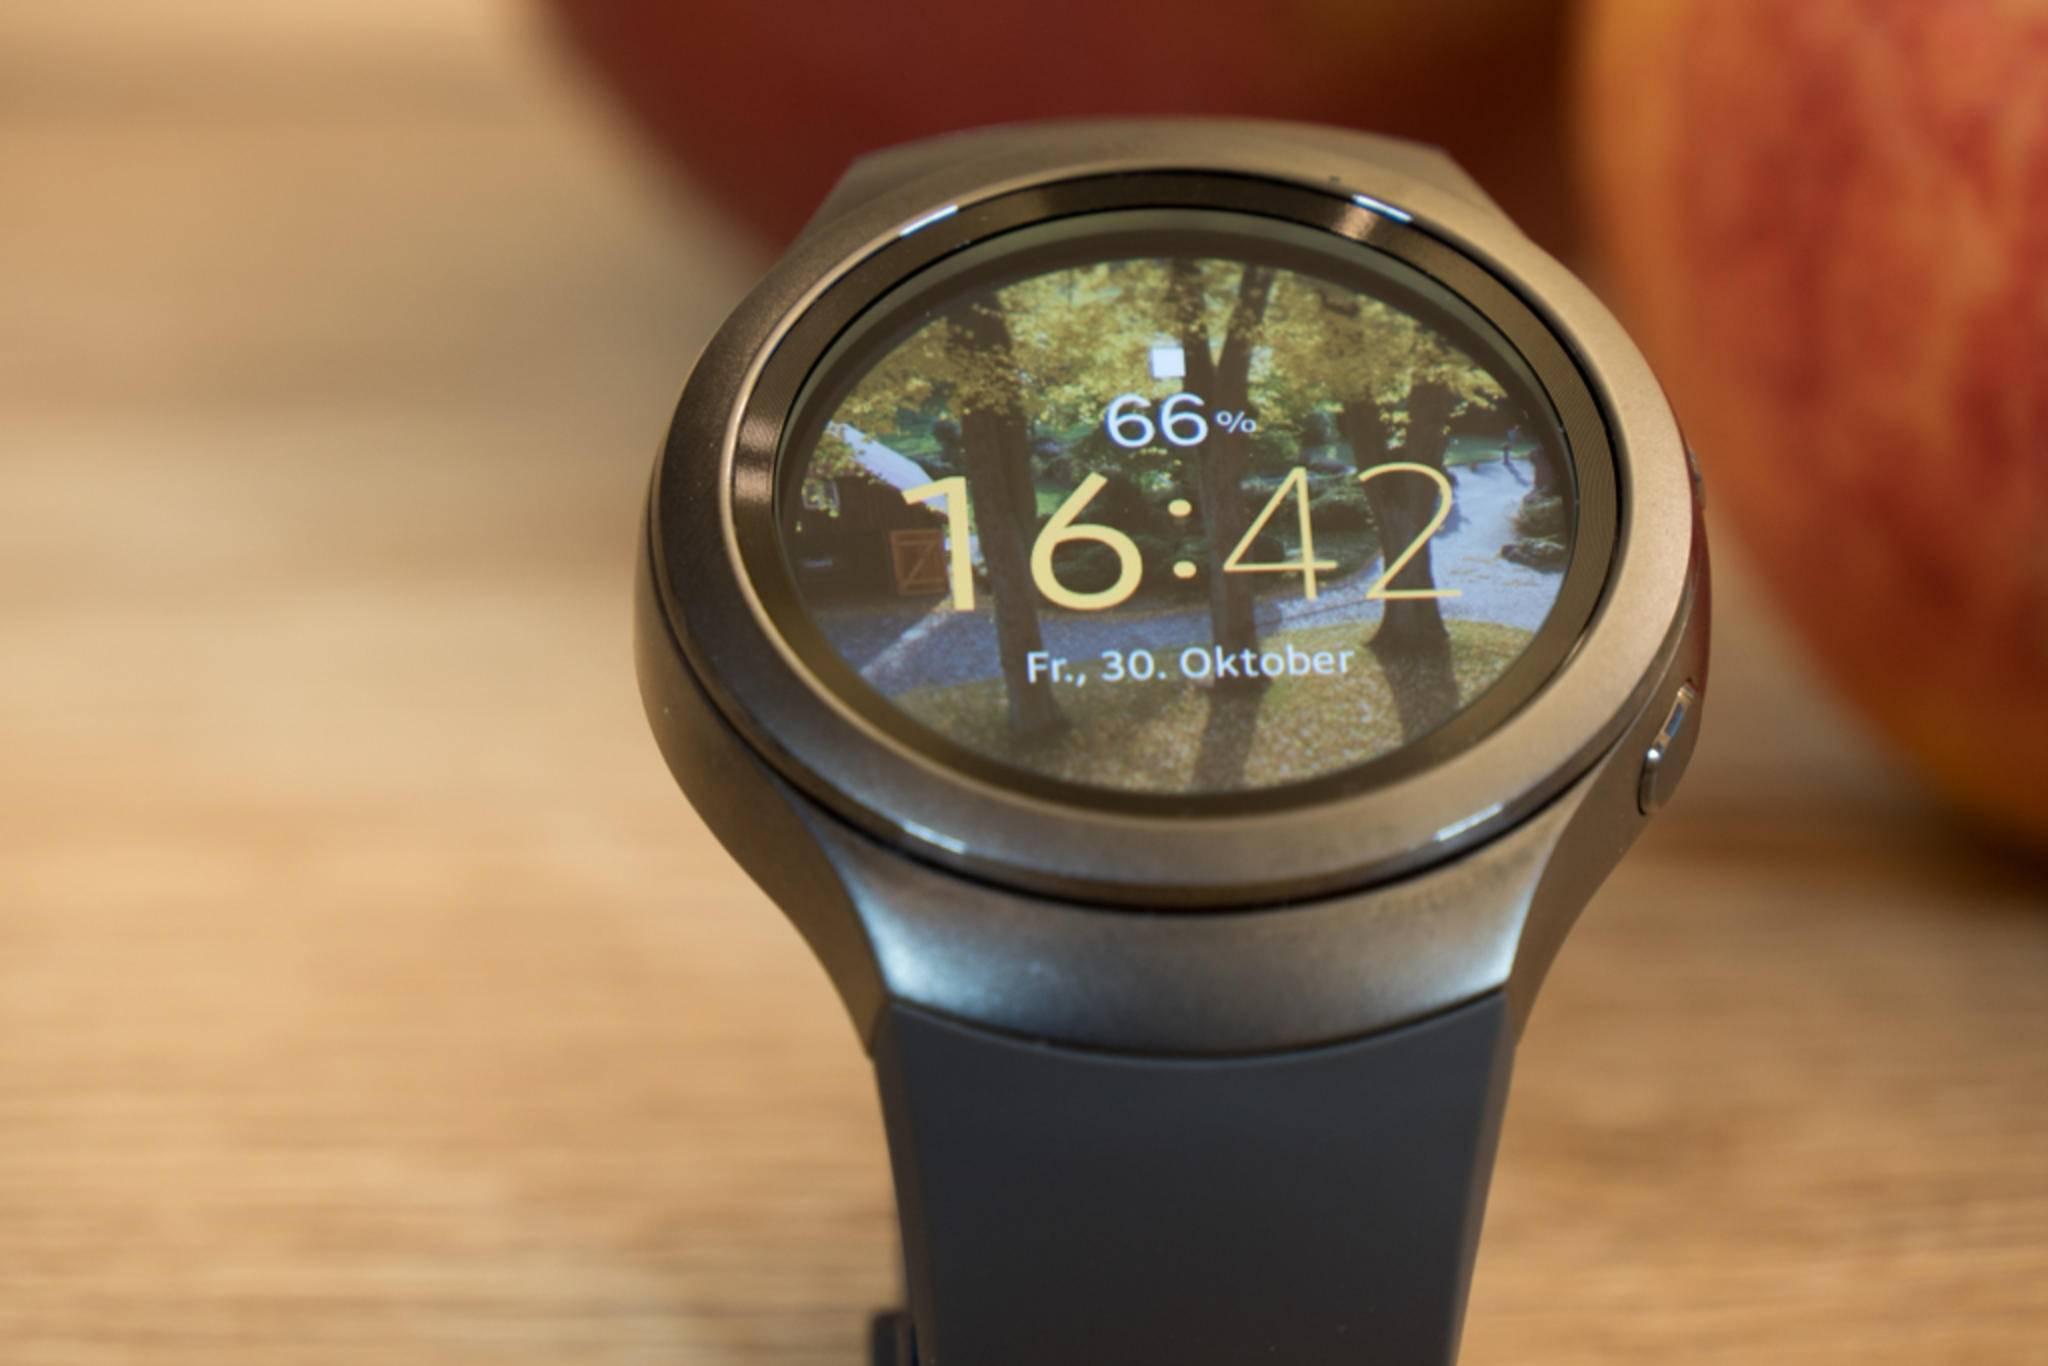 Die Samsung Gear S2 soll sich bald auch mit iPhones verbinden können.